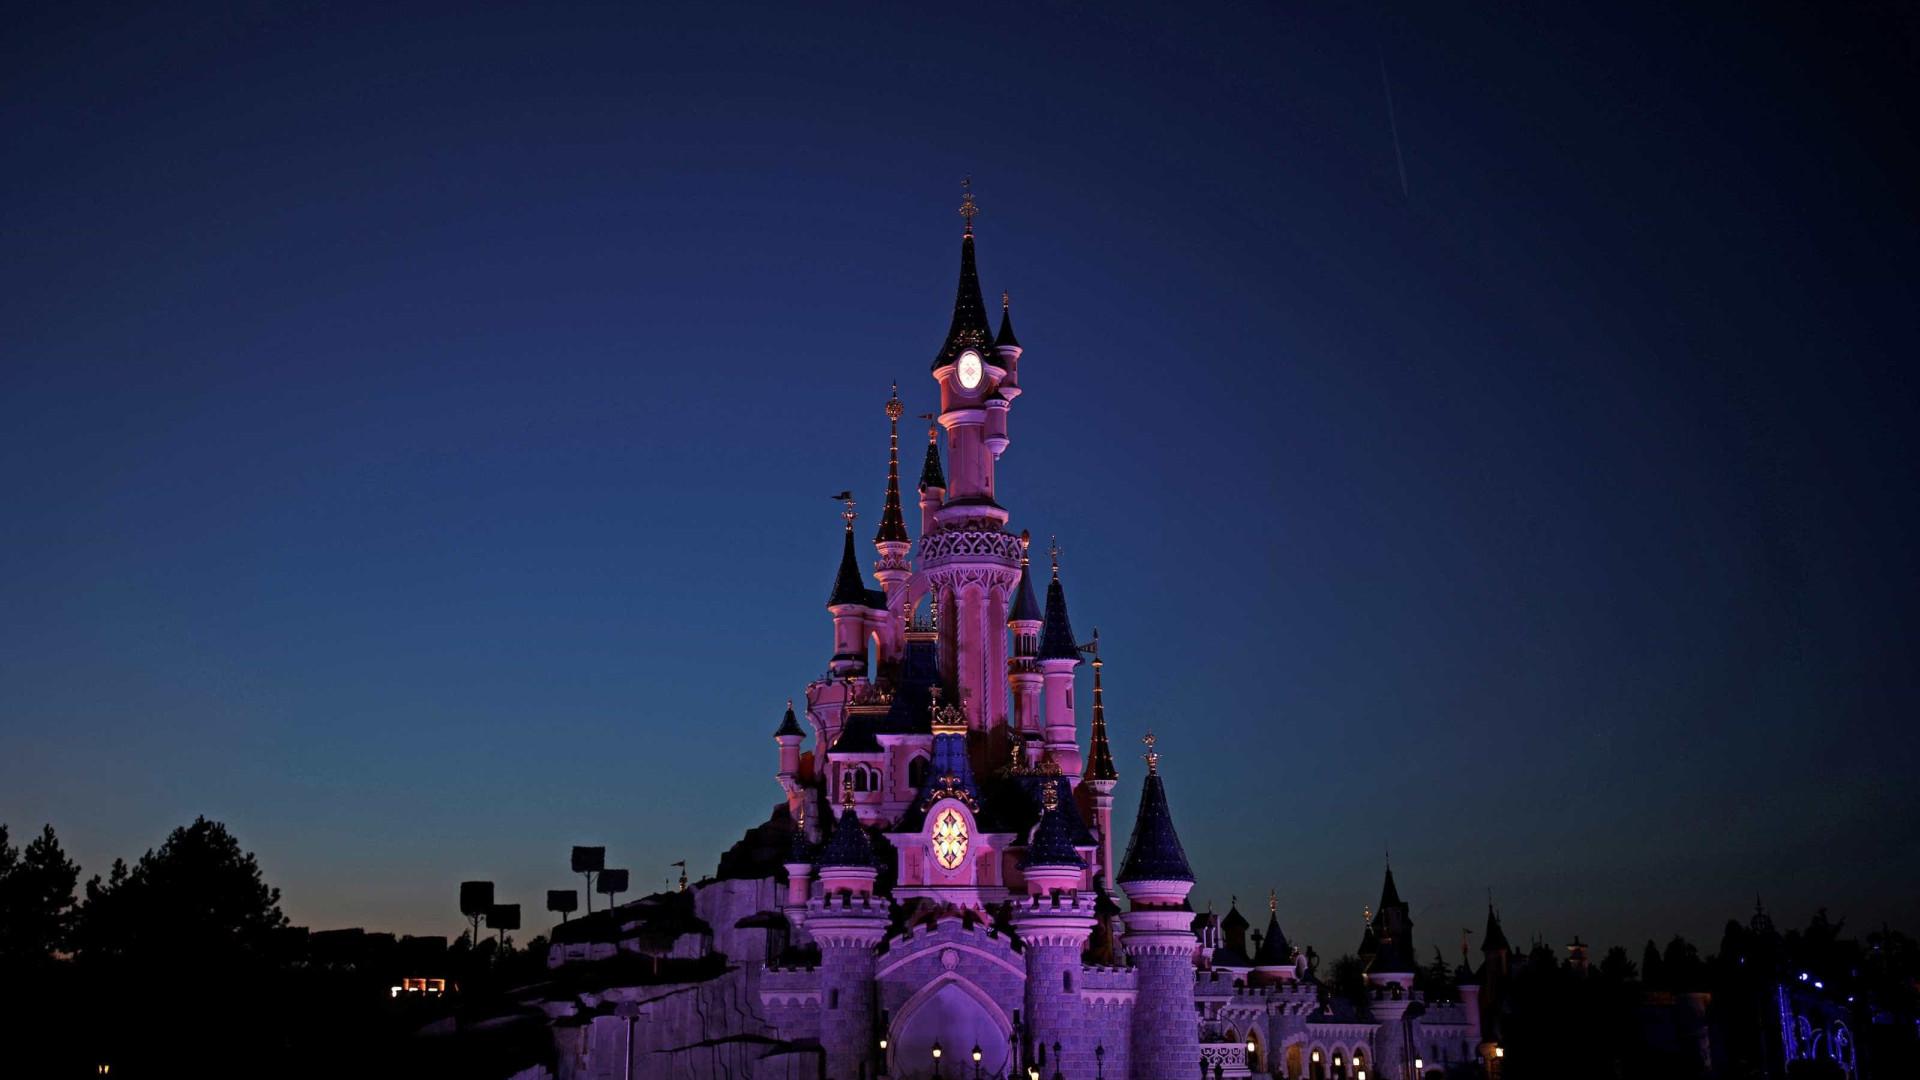 Atrações na Califórnia vão além da Disneylândia; descubra